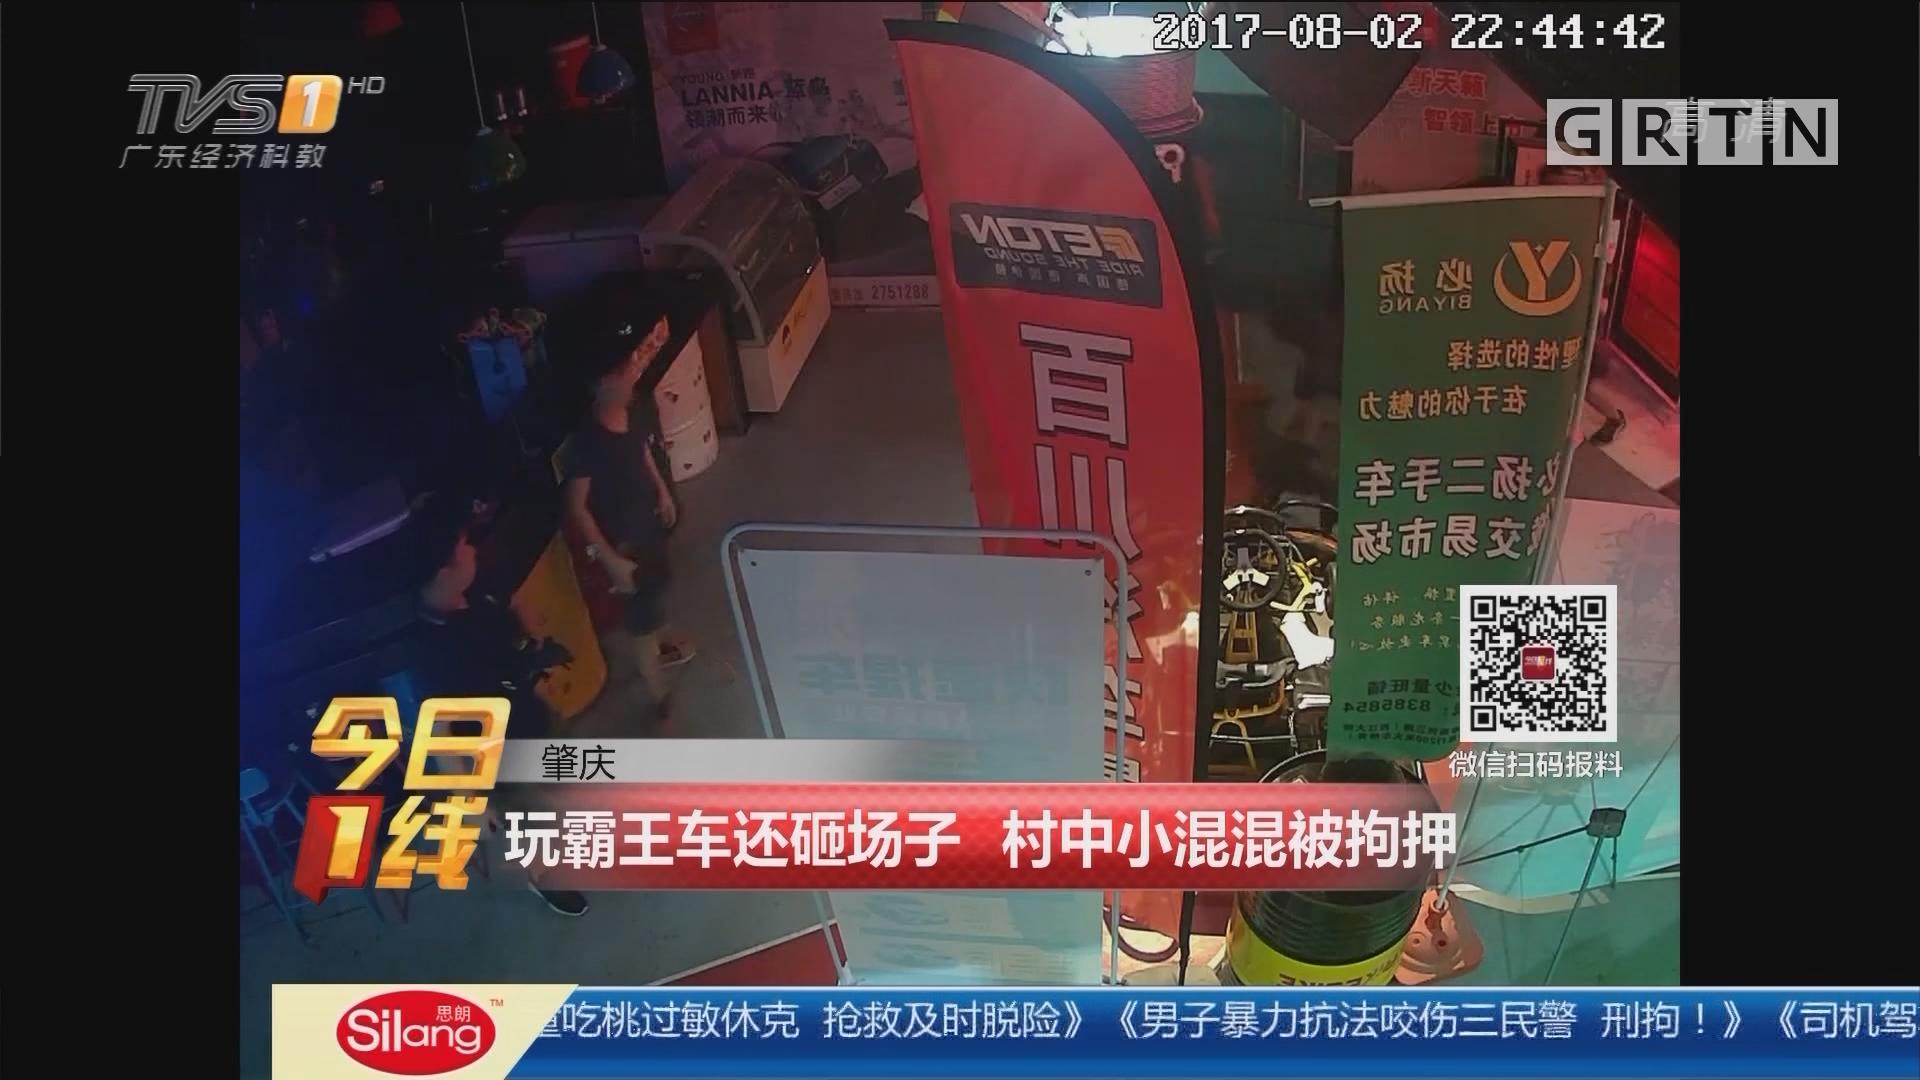 肇庆:玩霸王车还砸场子 村中小混混被拘押